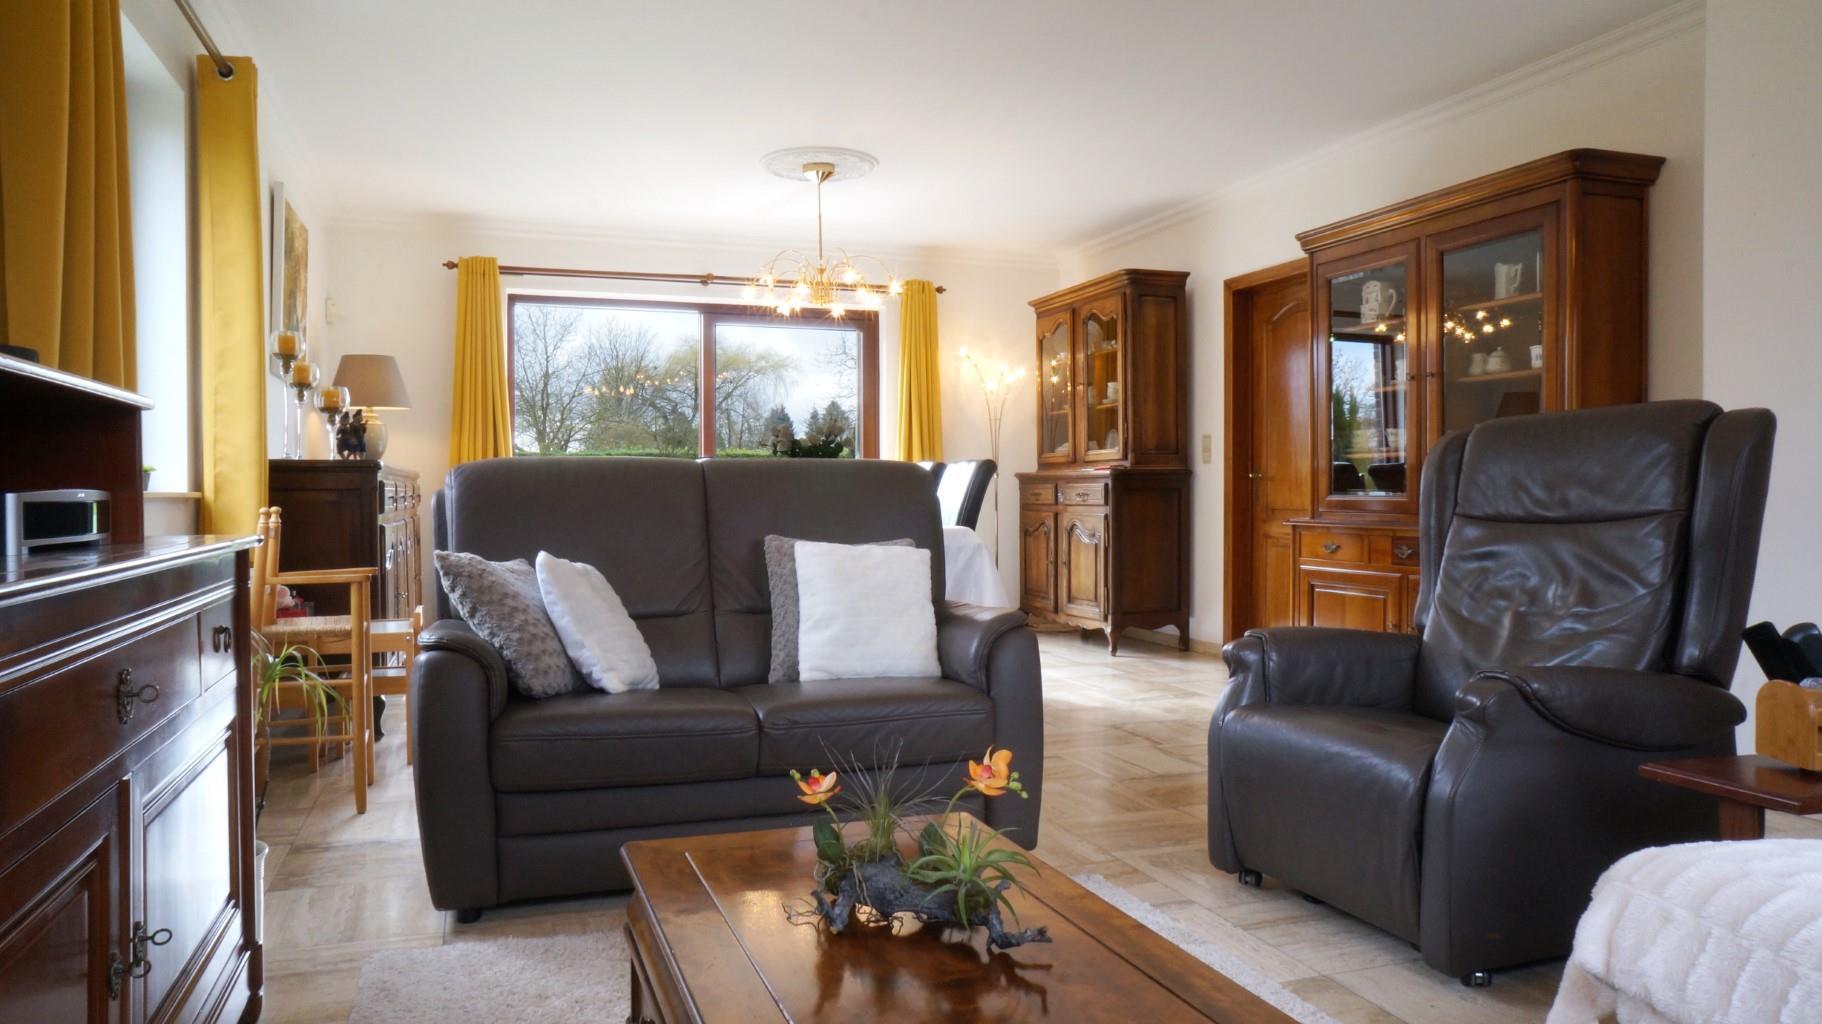 Maison - Perwez Thorembais-Saint-Trond - #4027352-4